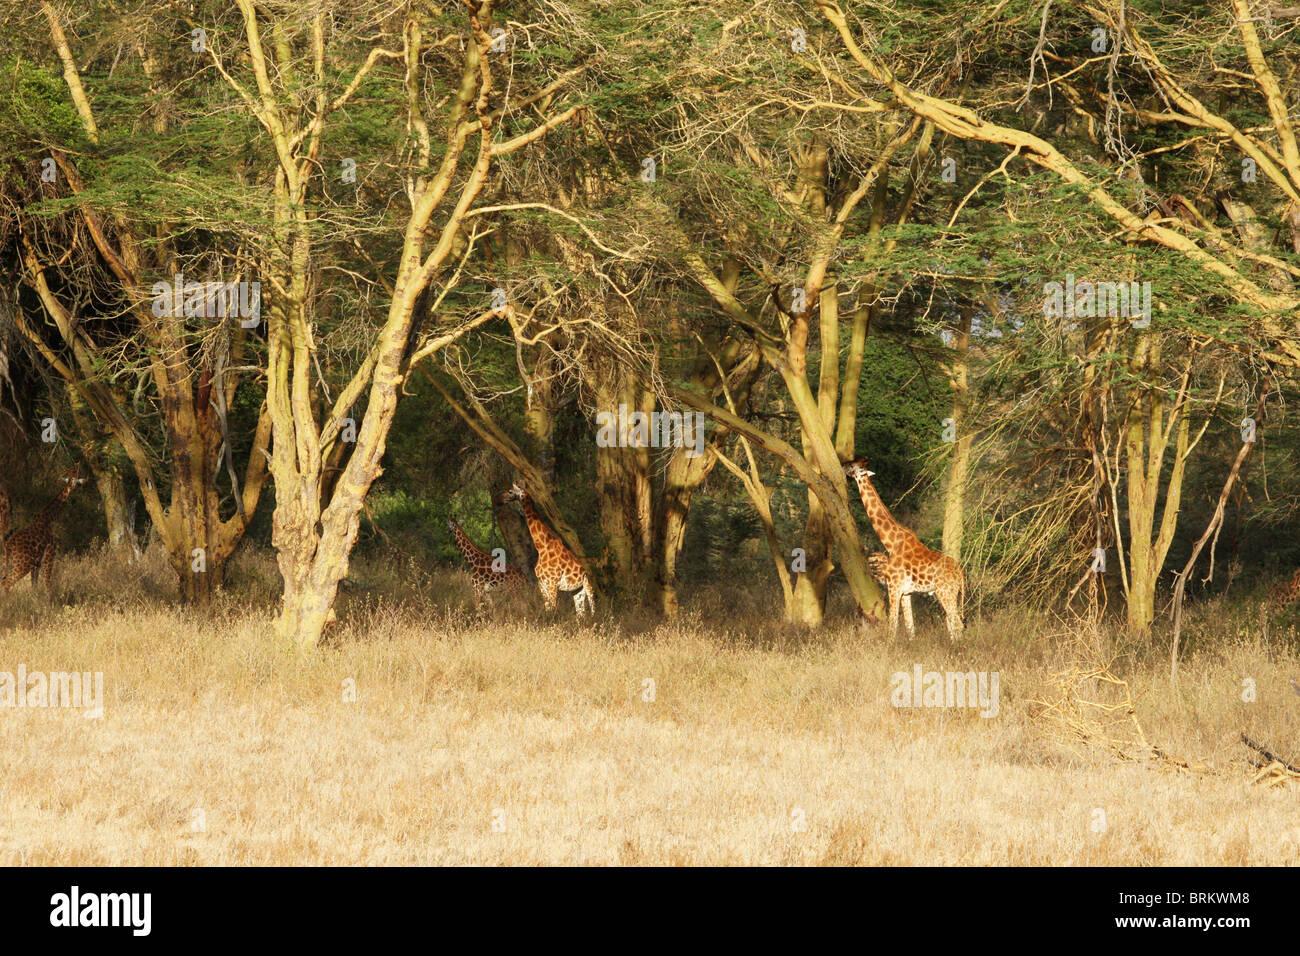 Rothschilds giraffe in fever tree forest - Stock Image